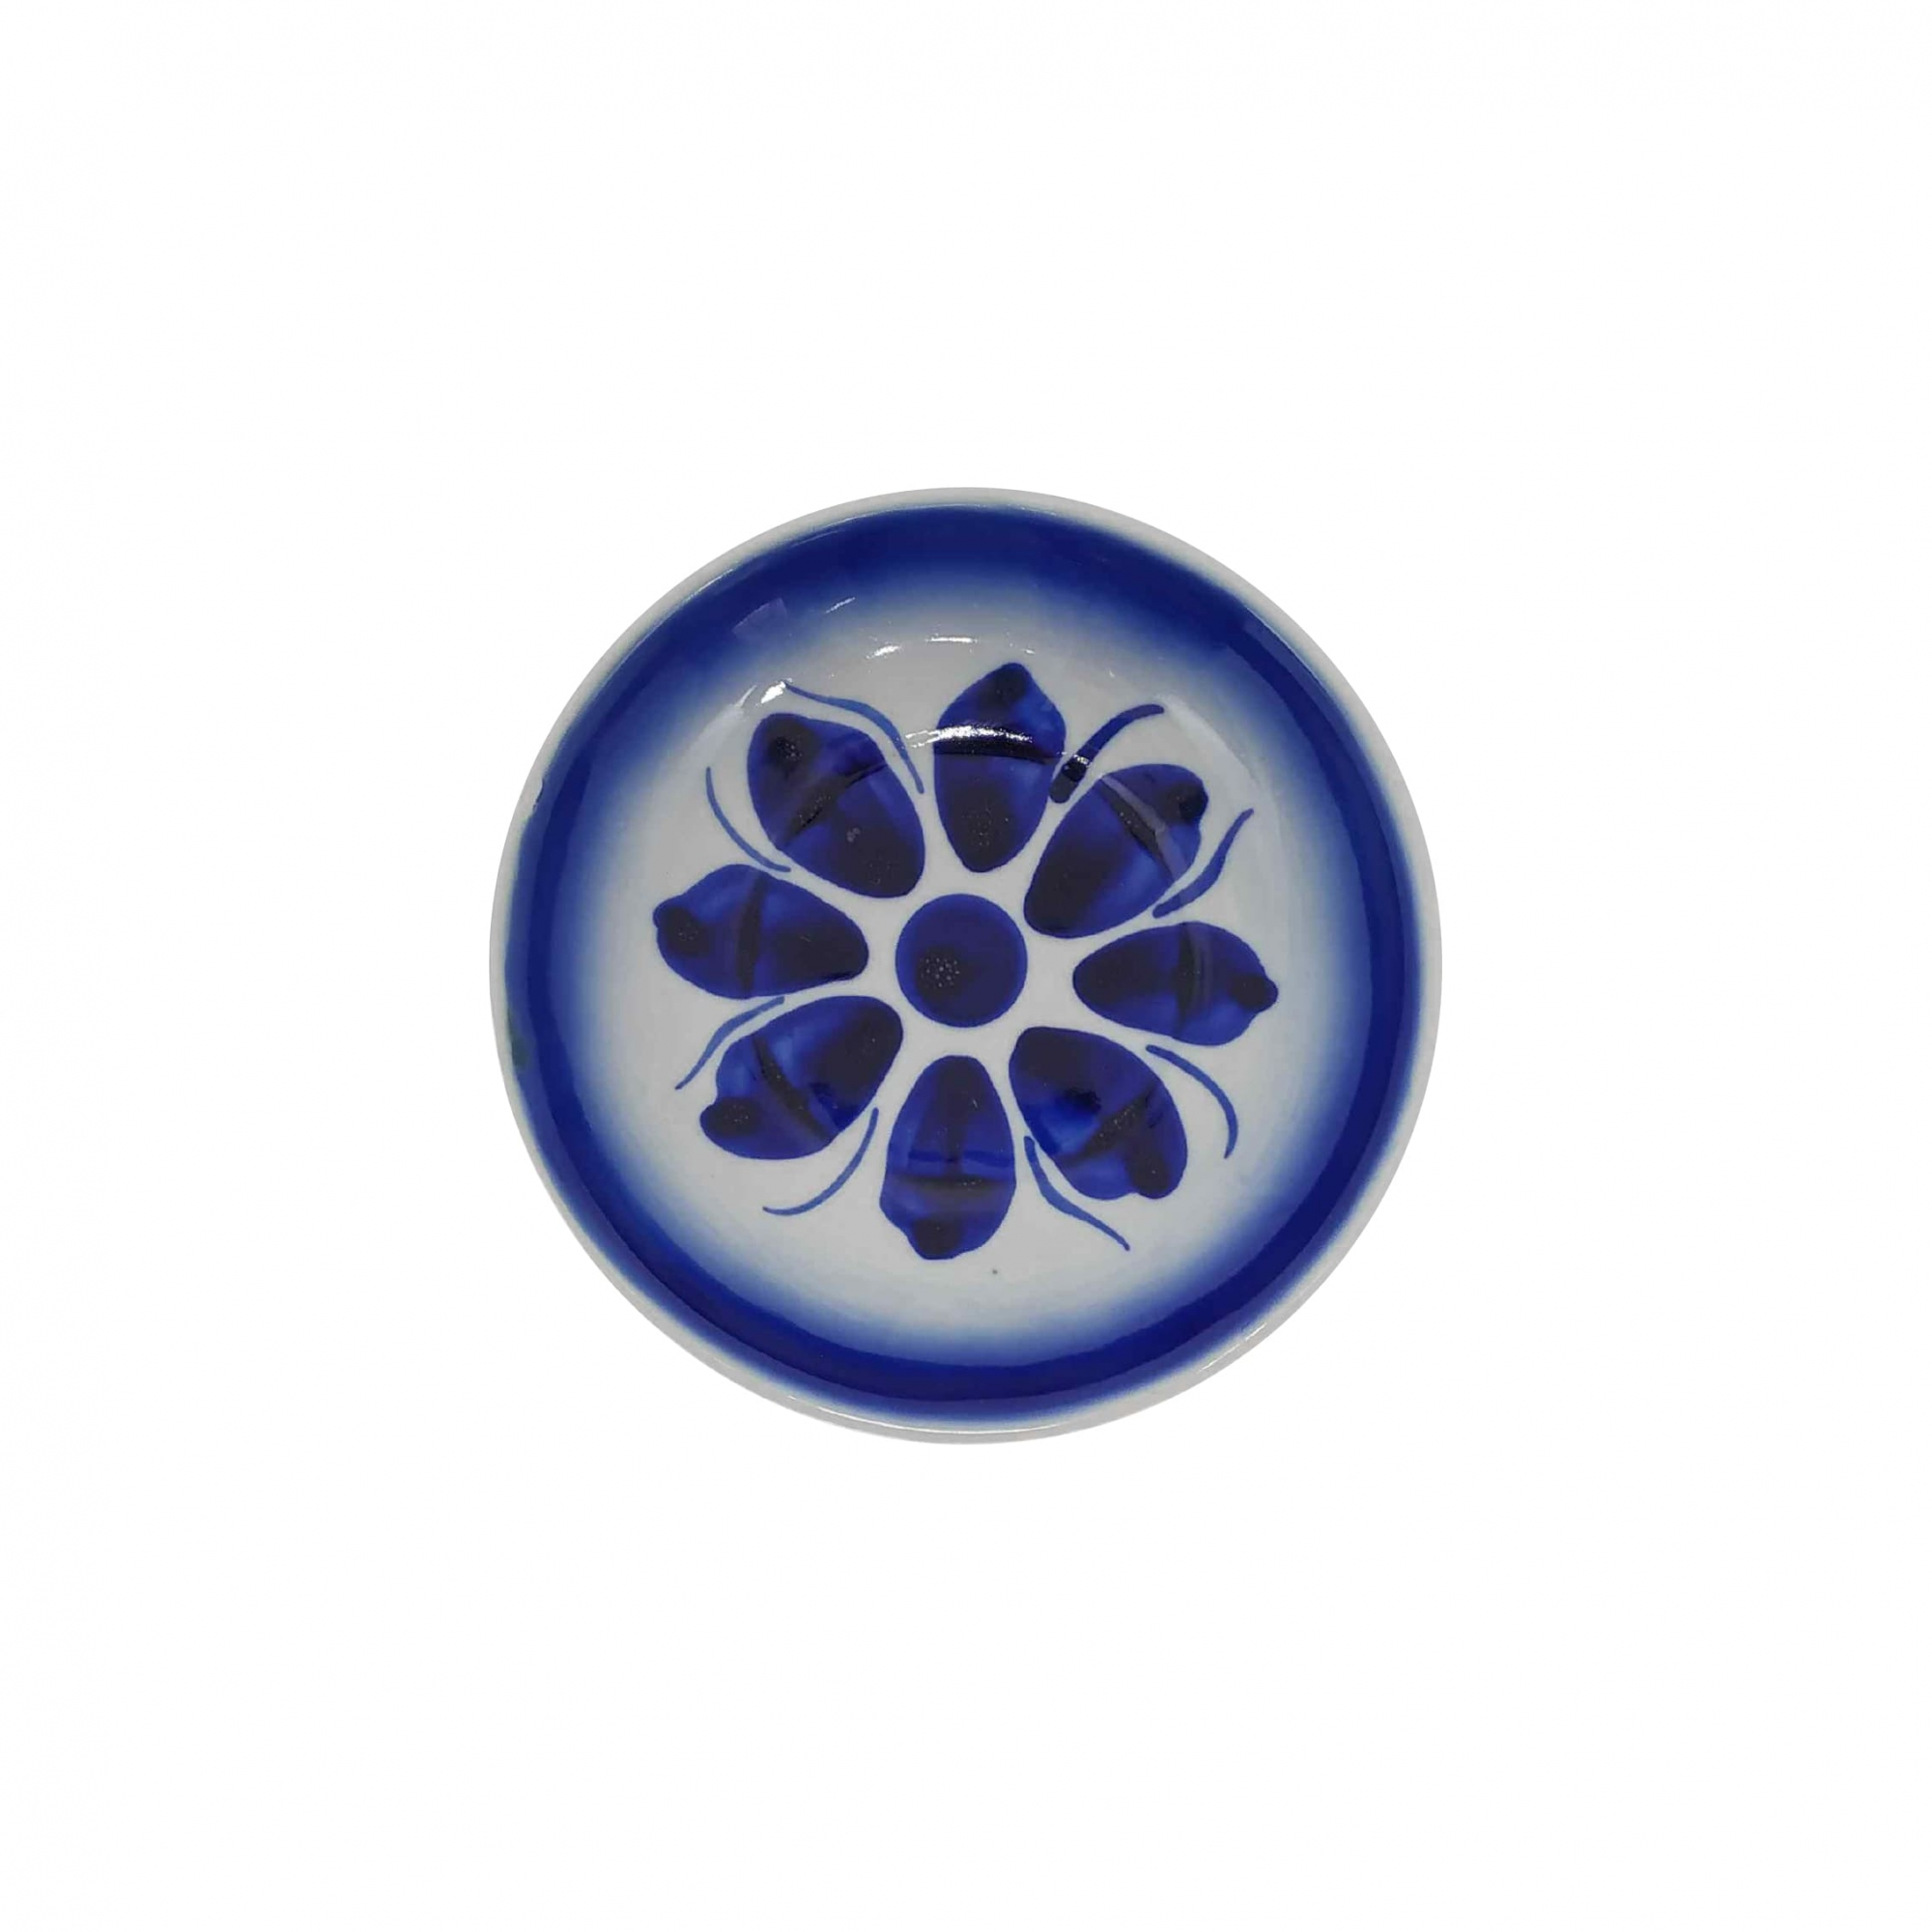 Pires em Porcelana Azul Colonial 10,5 cm